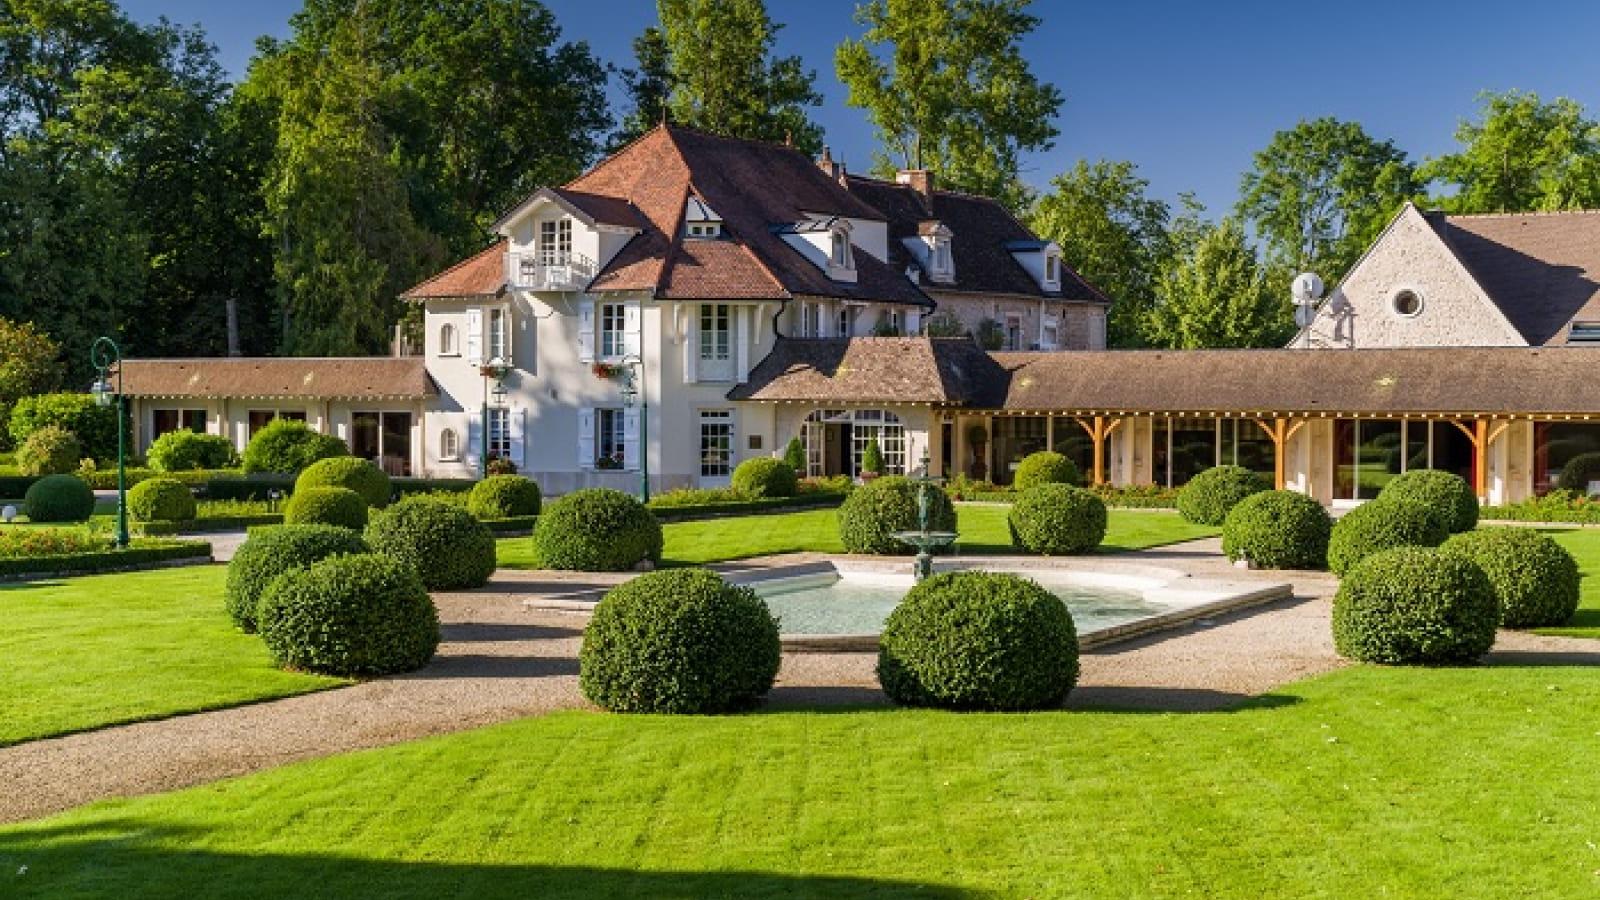 Hostellerie de Levernois-Bourgogne